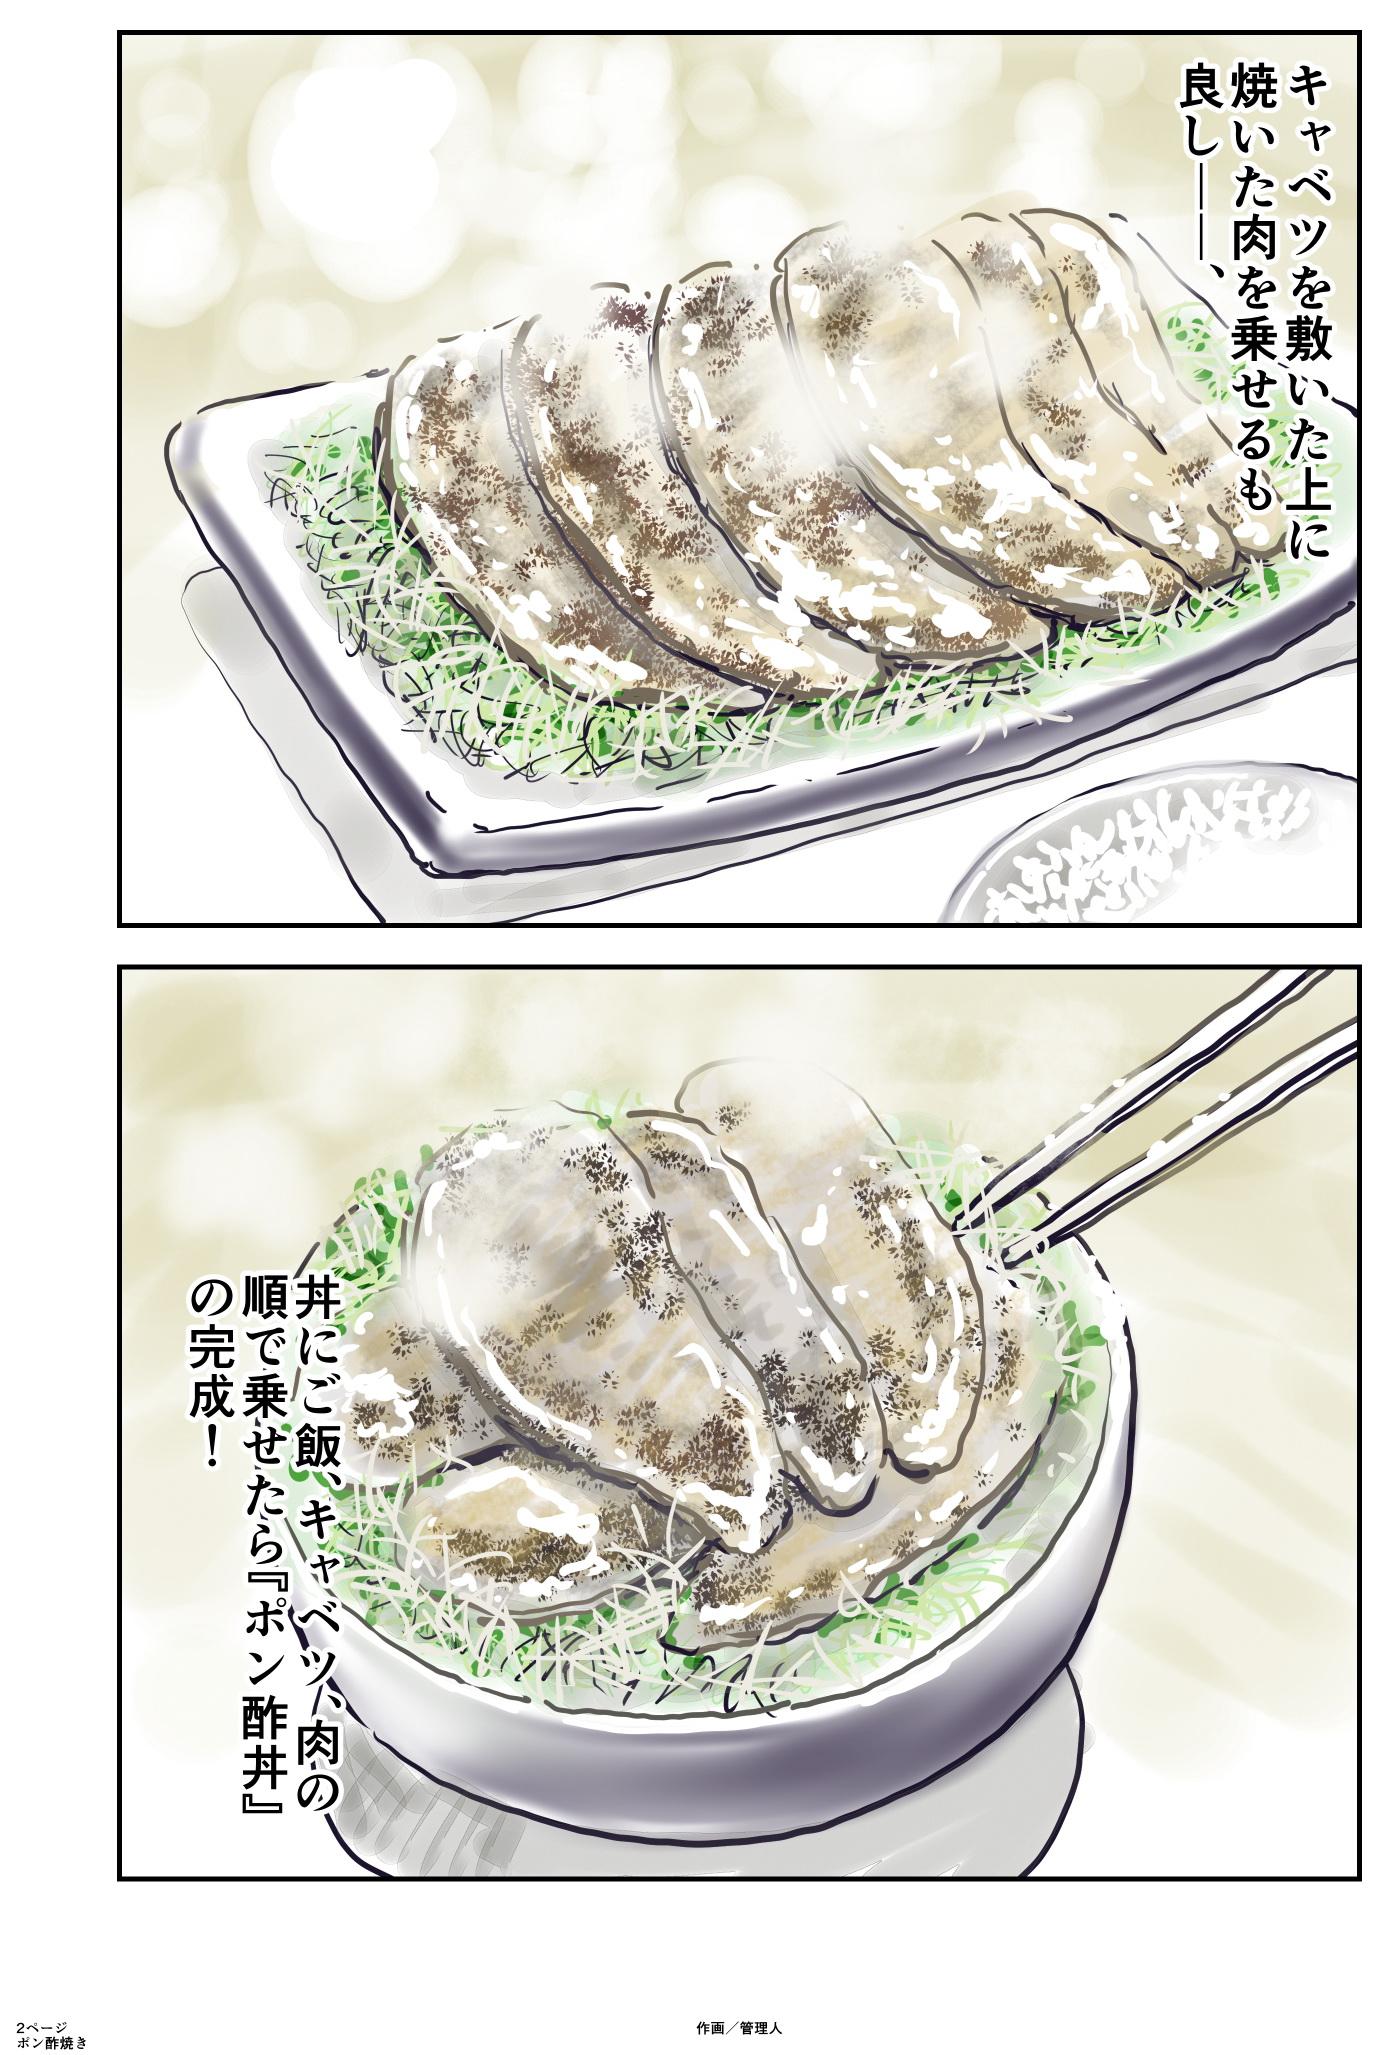 ポン酢焼き_002